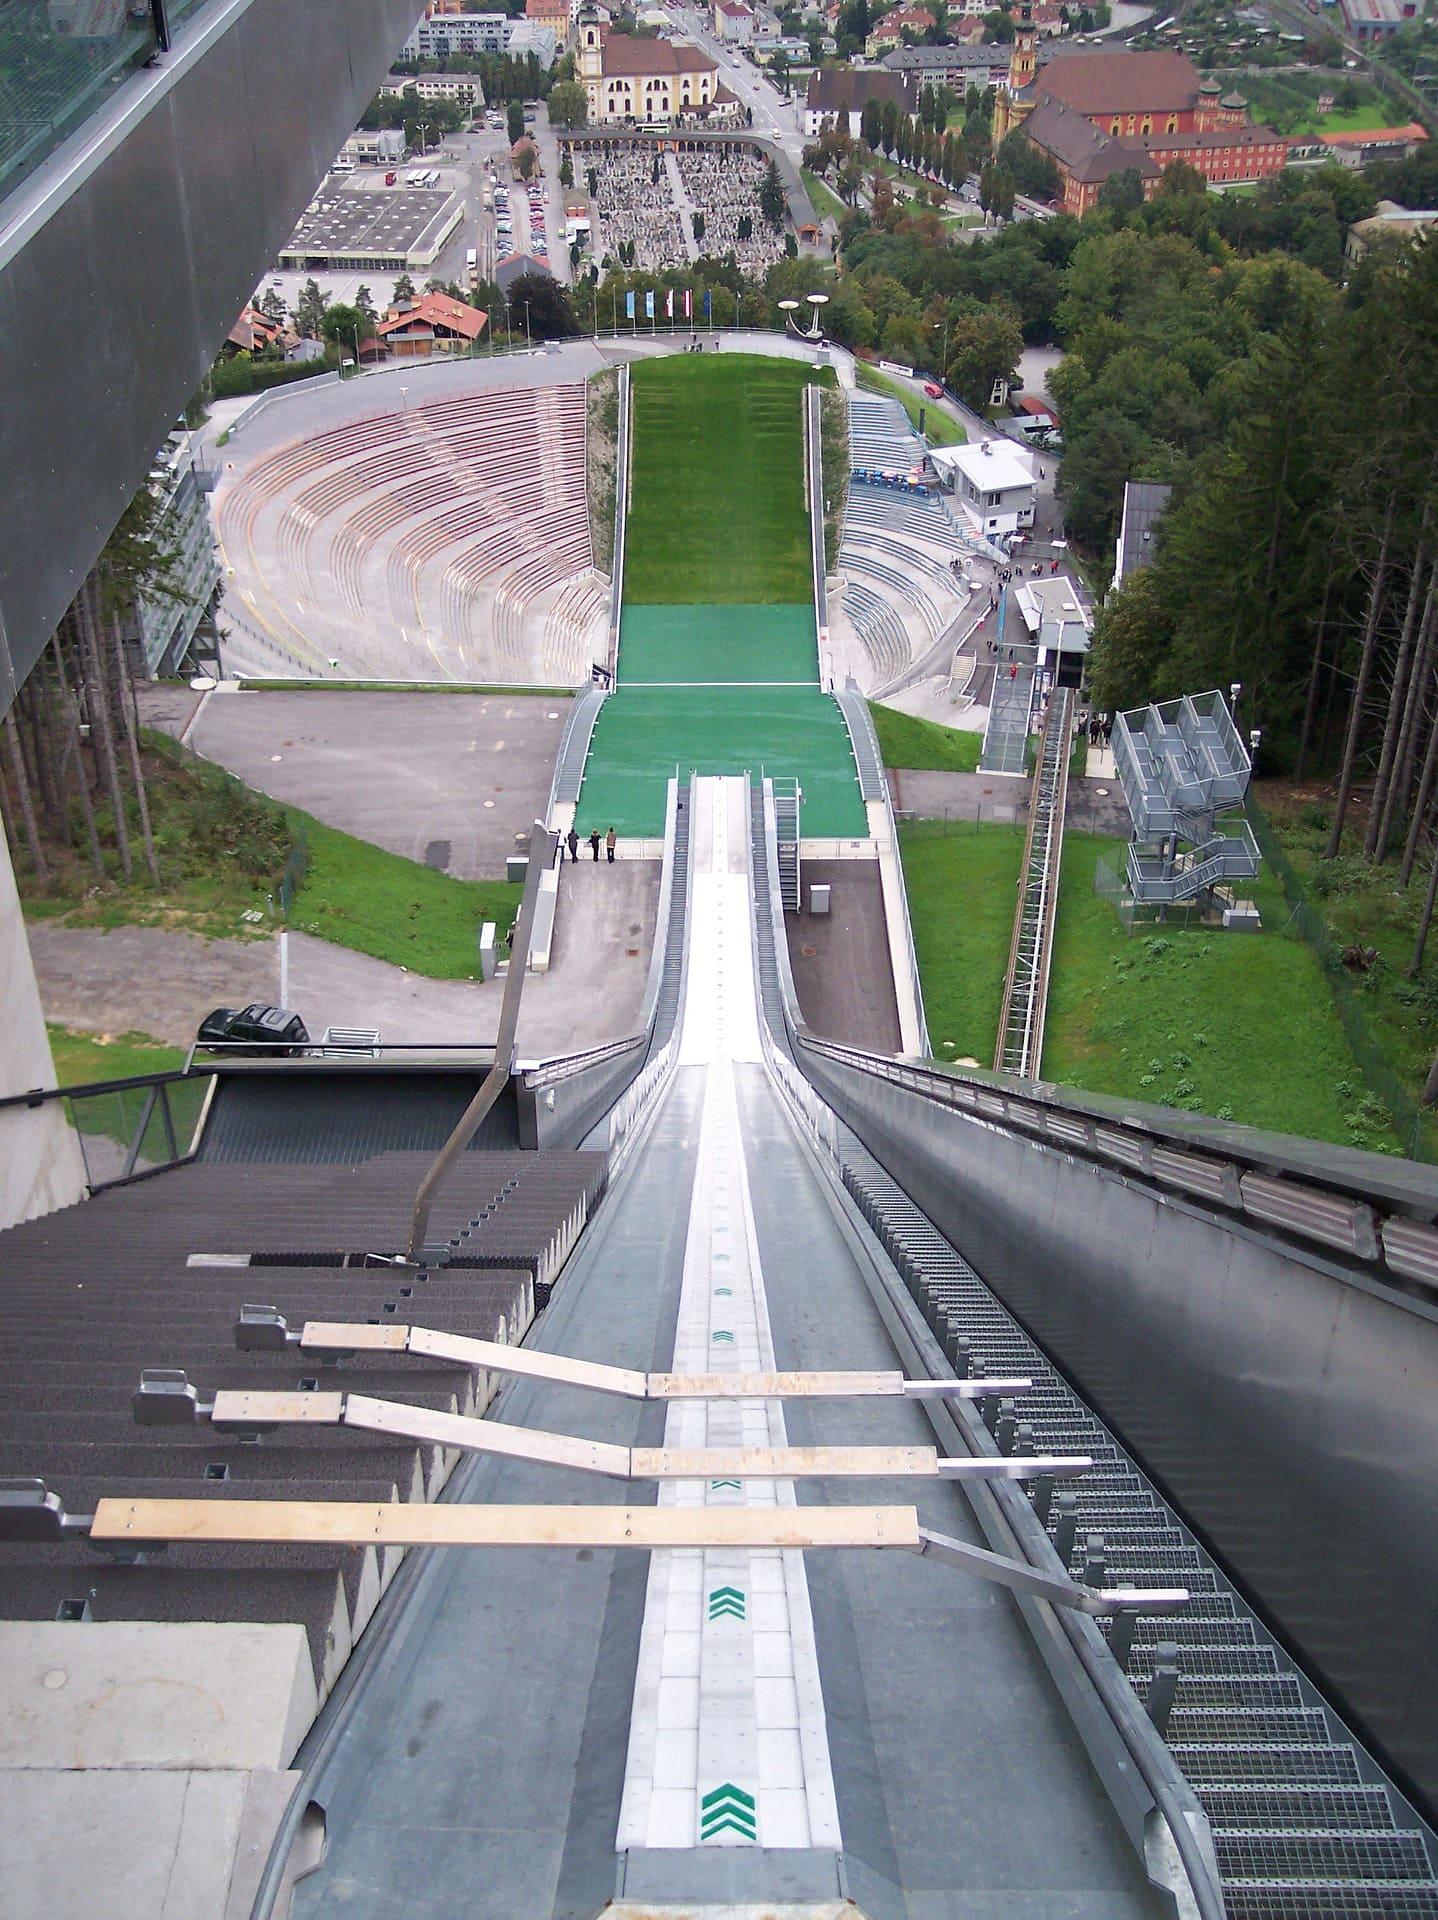 Trampolino Bergisel Innsbruck